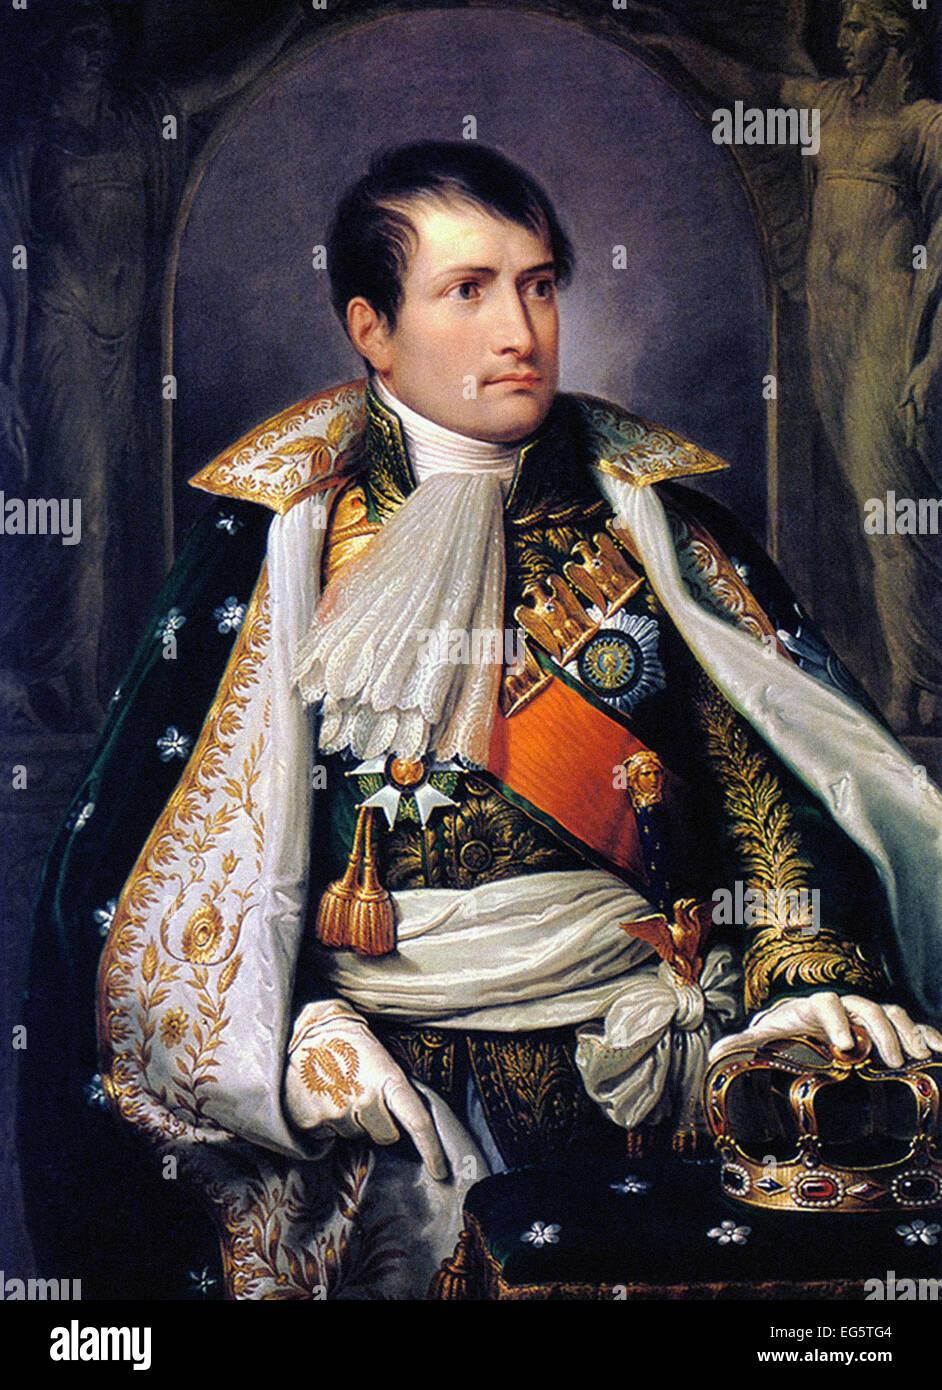 Andrea Appiani  Napoleon, King of Italy - Stock Image